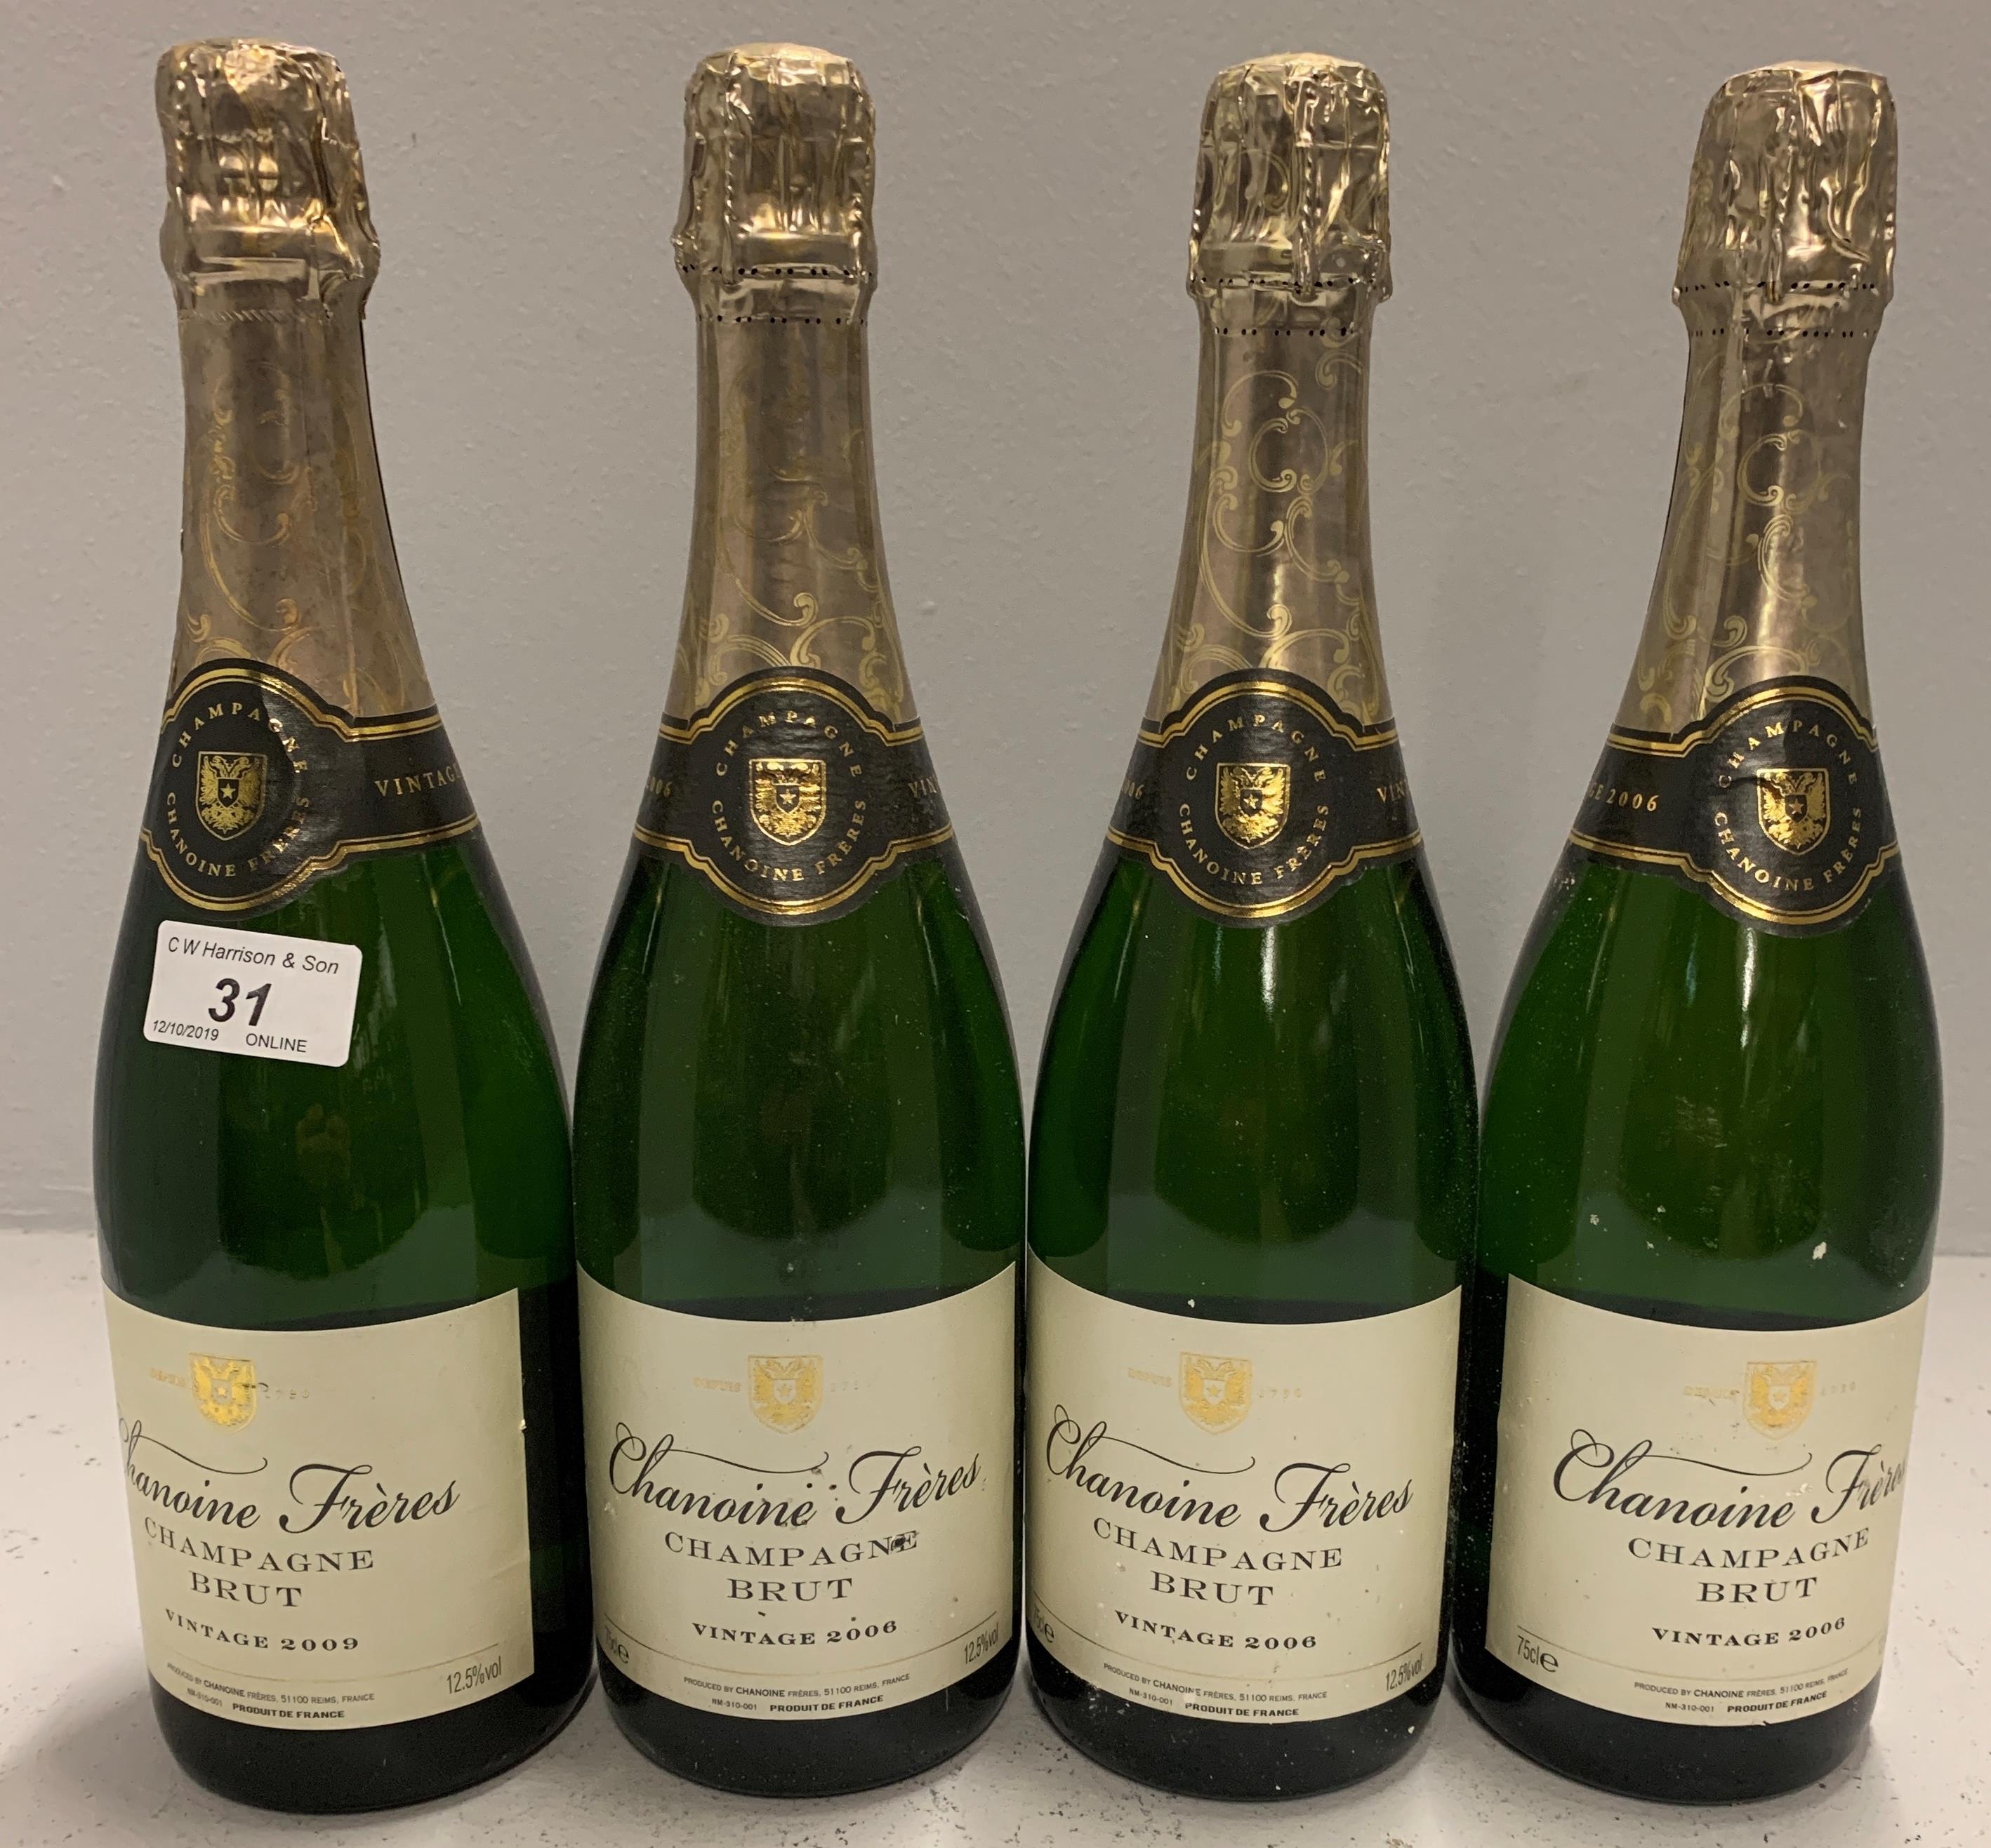 Lot 31 - 4 x 75cl bottles Chanoine Freres Champga